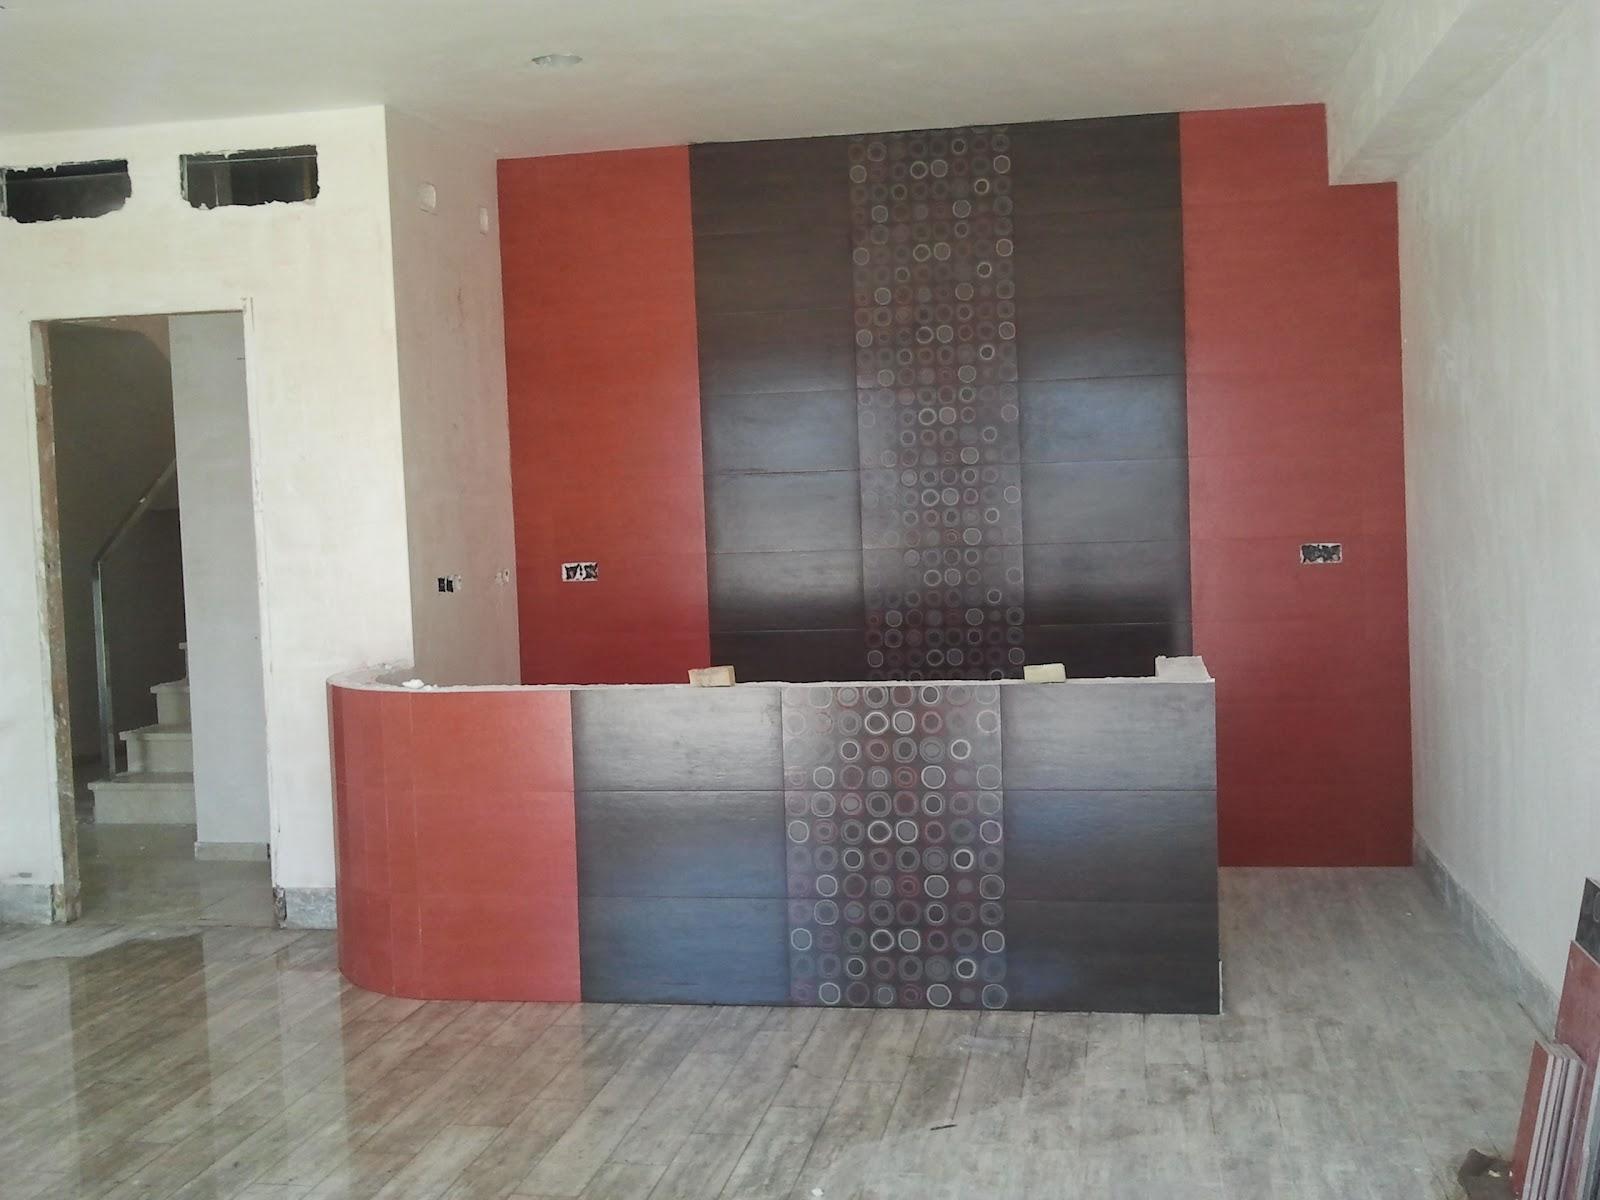 Dise ador de interiores antonio ternero martin junio 2012 - Decorador interiorista ...